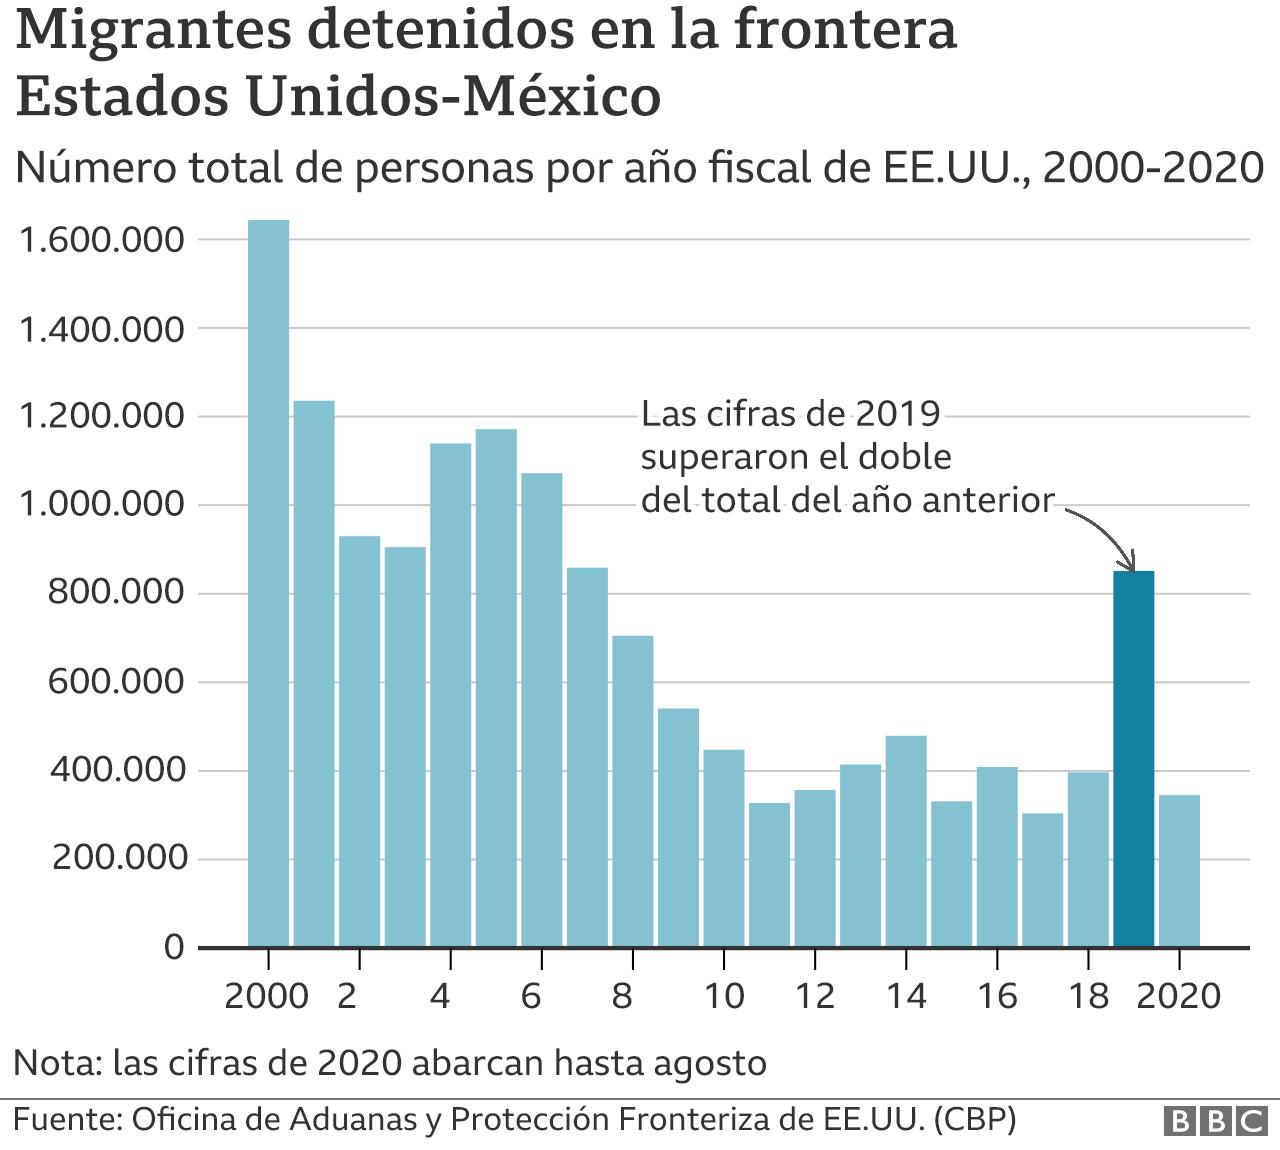 Gráfico de detenciones en la frontera EE.UU.-México